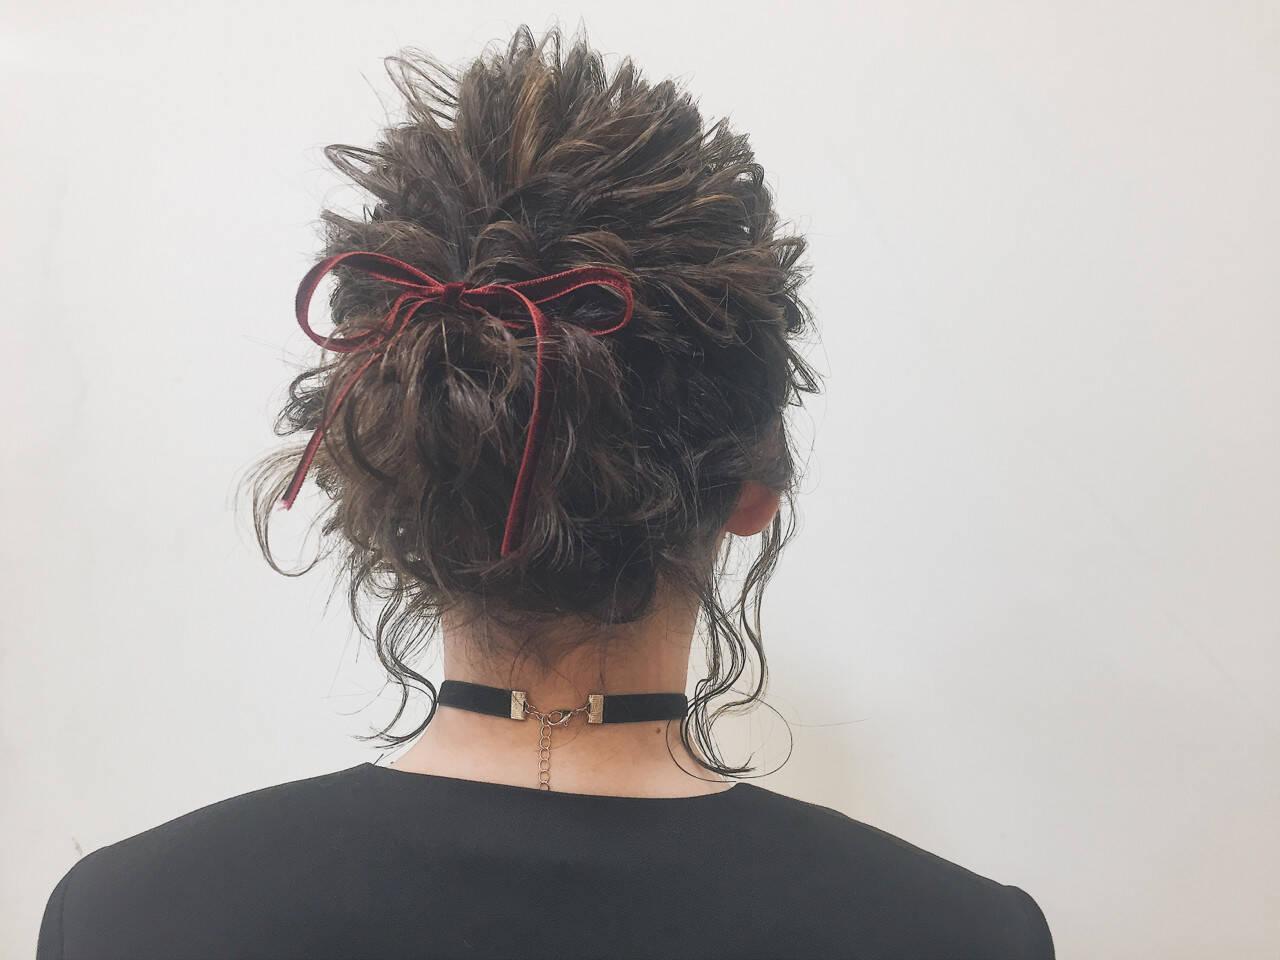 ヘアアレンジ ボブ 結婚式 パーティヘアスタイルや髪型の写真・画像